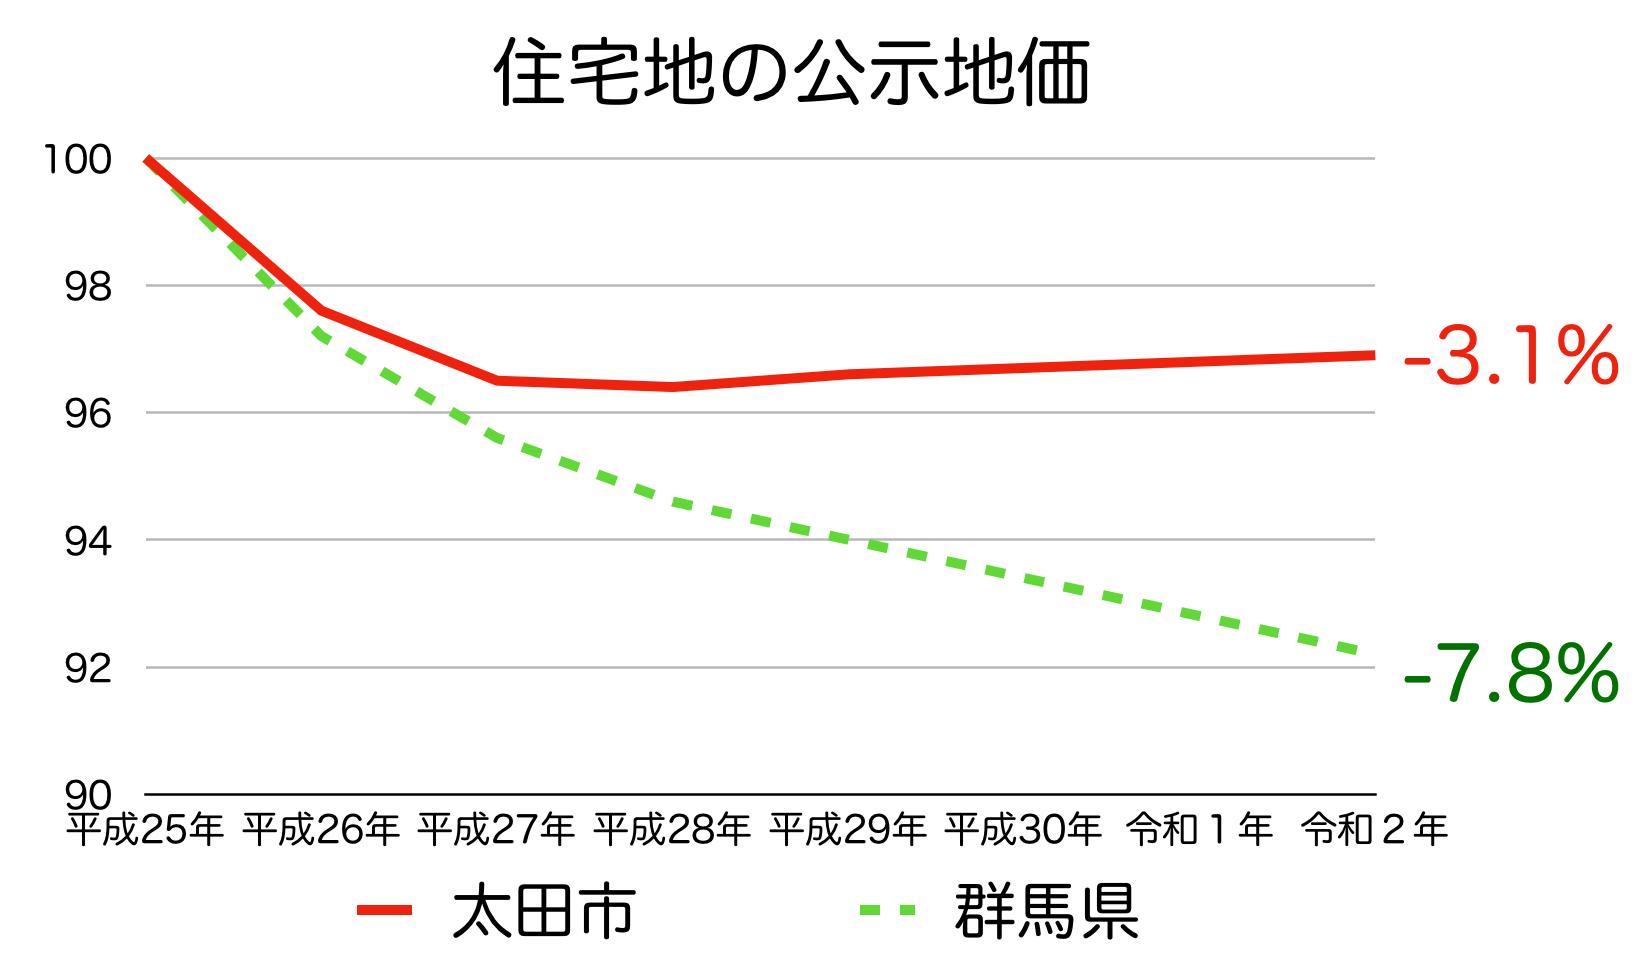 太田市の公示地価の推移(令和2年)